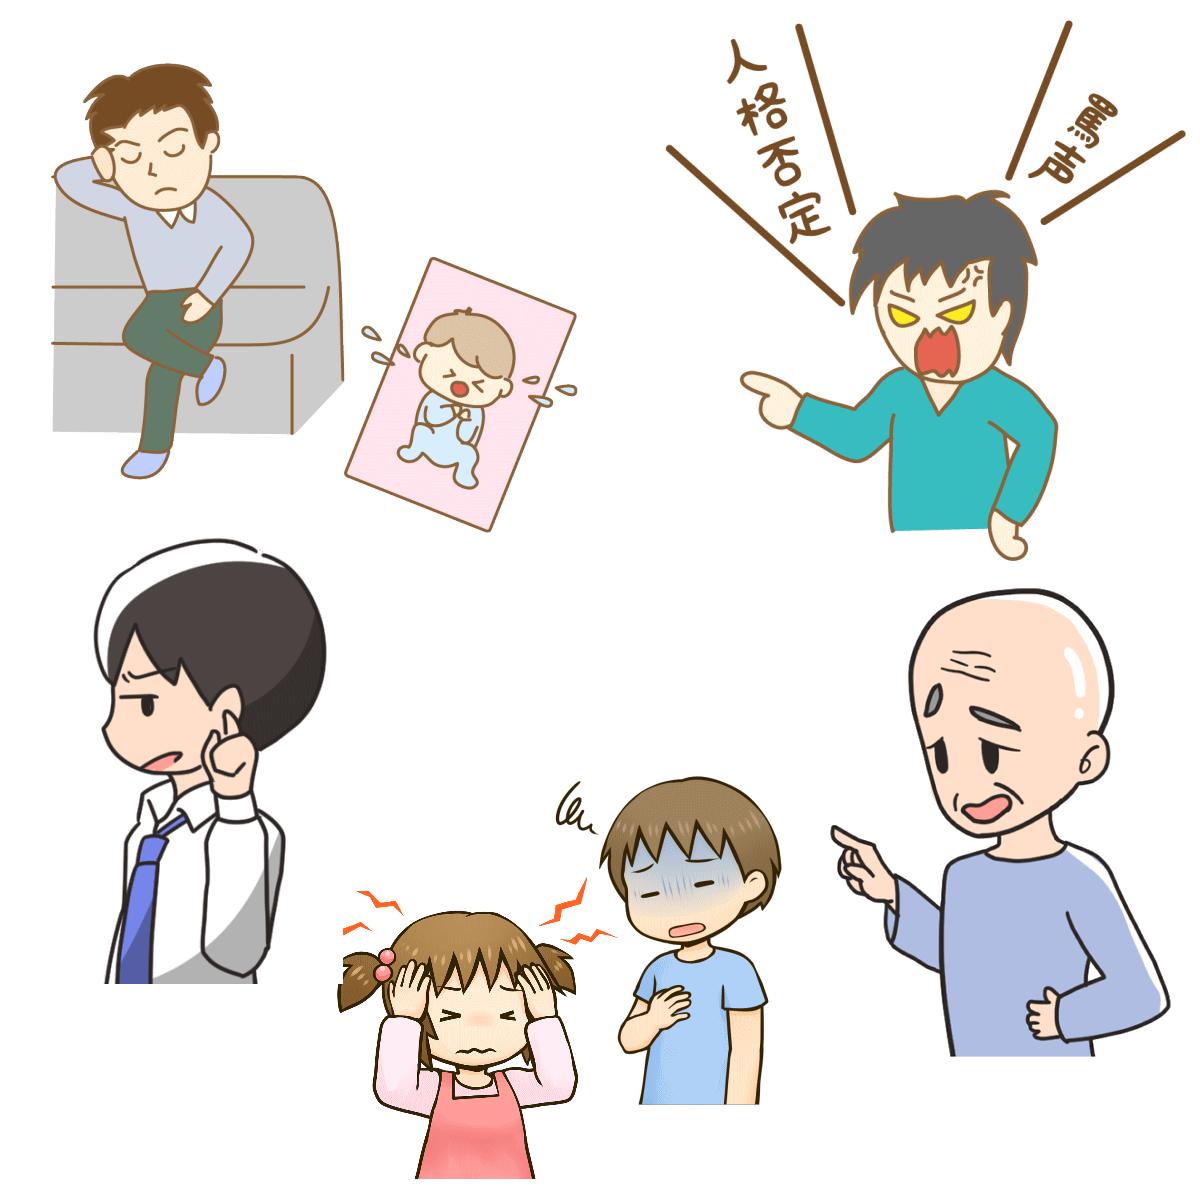 毒父の子育ての特徴と対処法を表わすイラスト